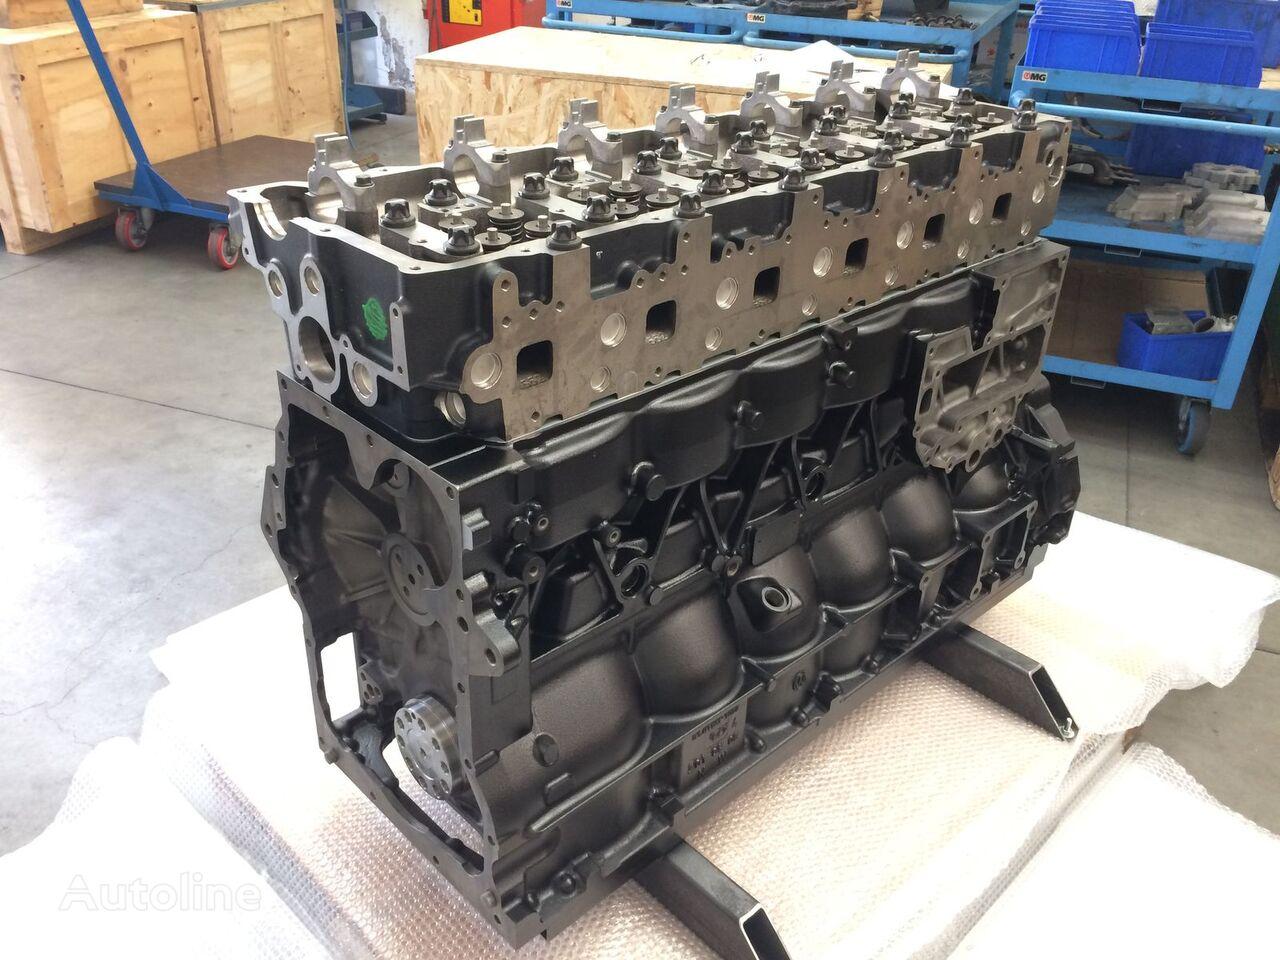 MAN - MOTORE D2066LUH22 - 310CV - EURO 4 - per BUS e bloque de motor para camión